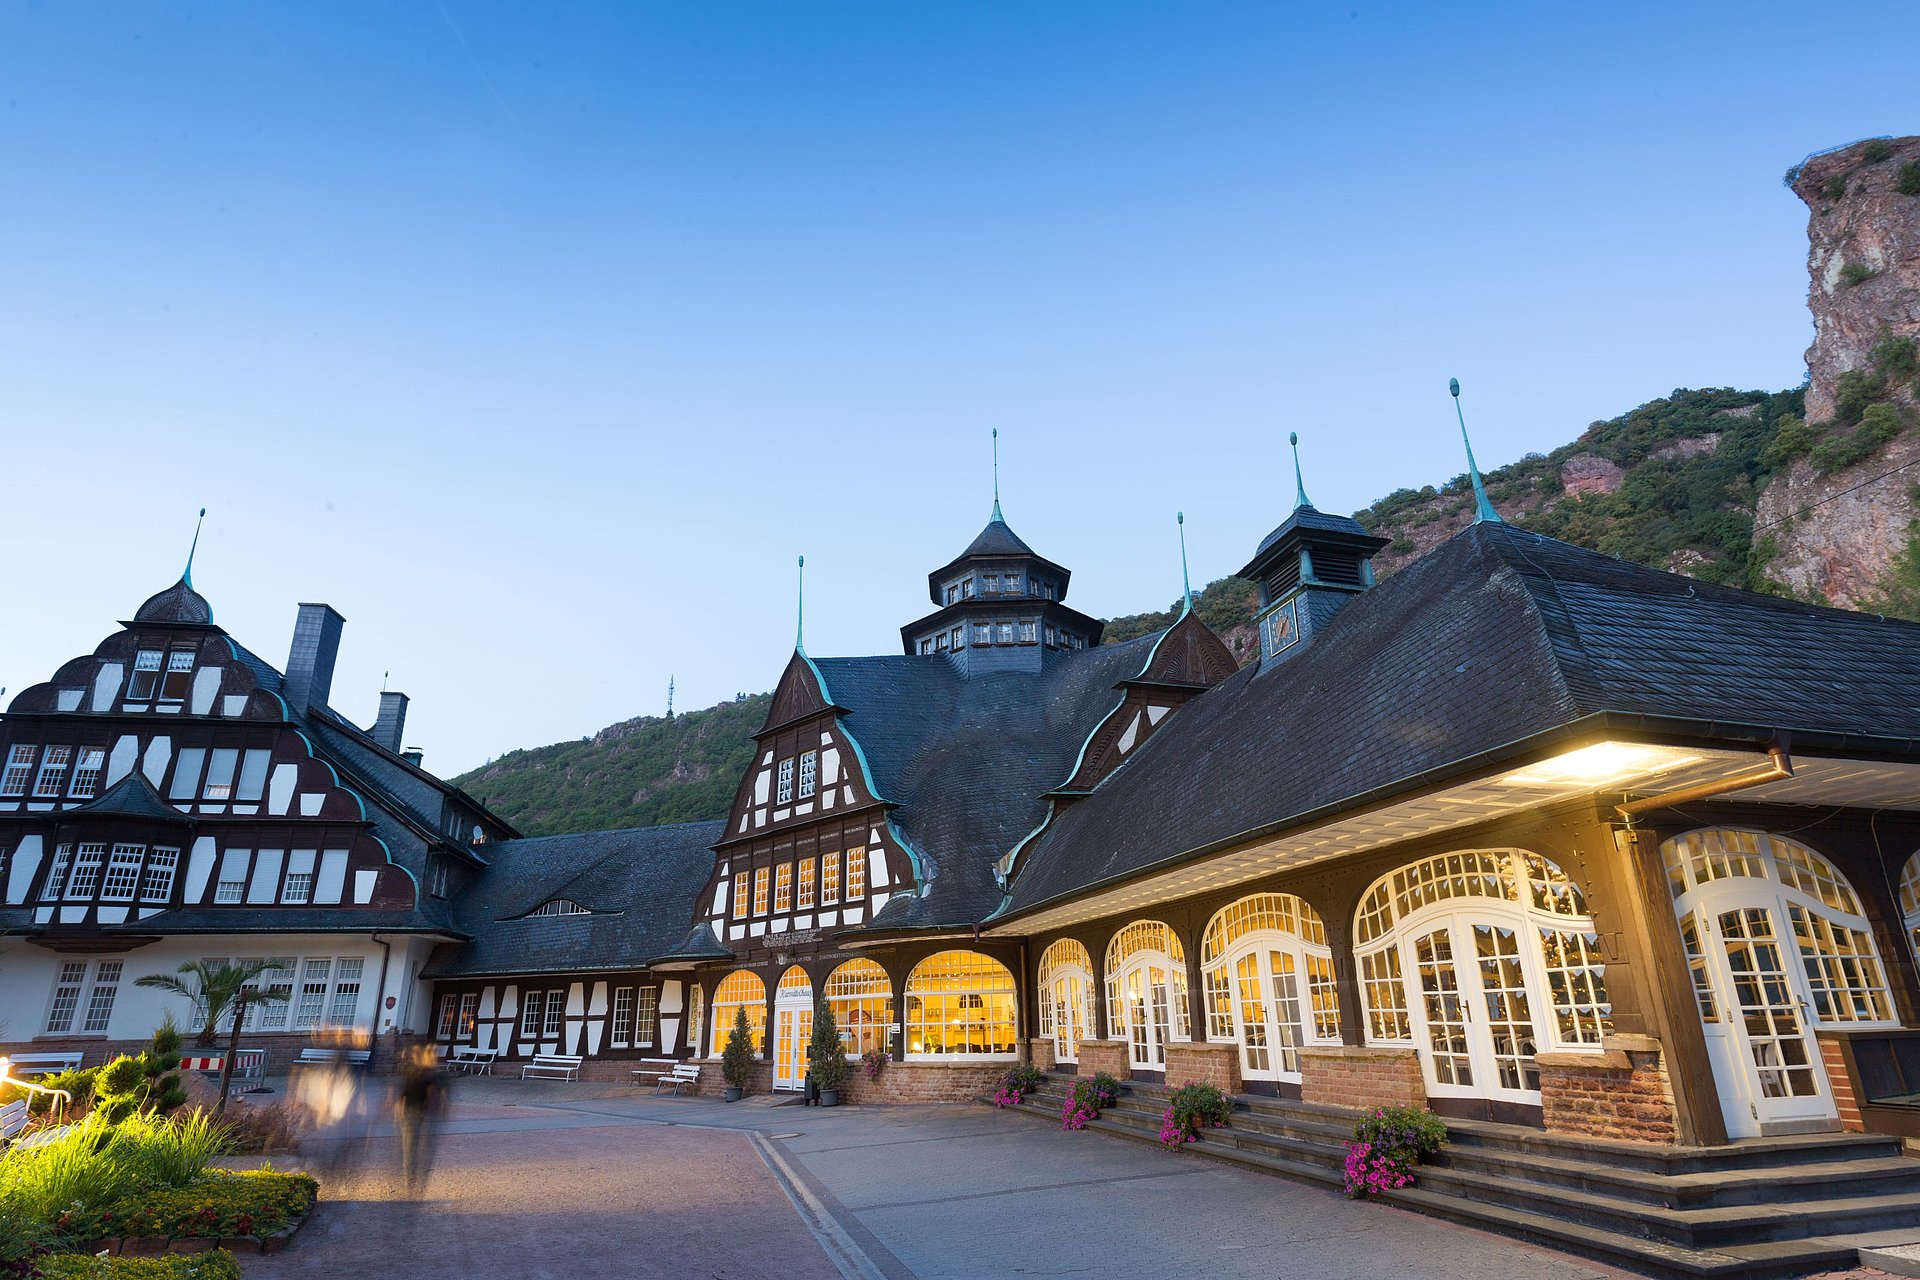 Das Kurmittelhaus im Kurpark von Bad Münster am Stein-Ebernburg, Nahe